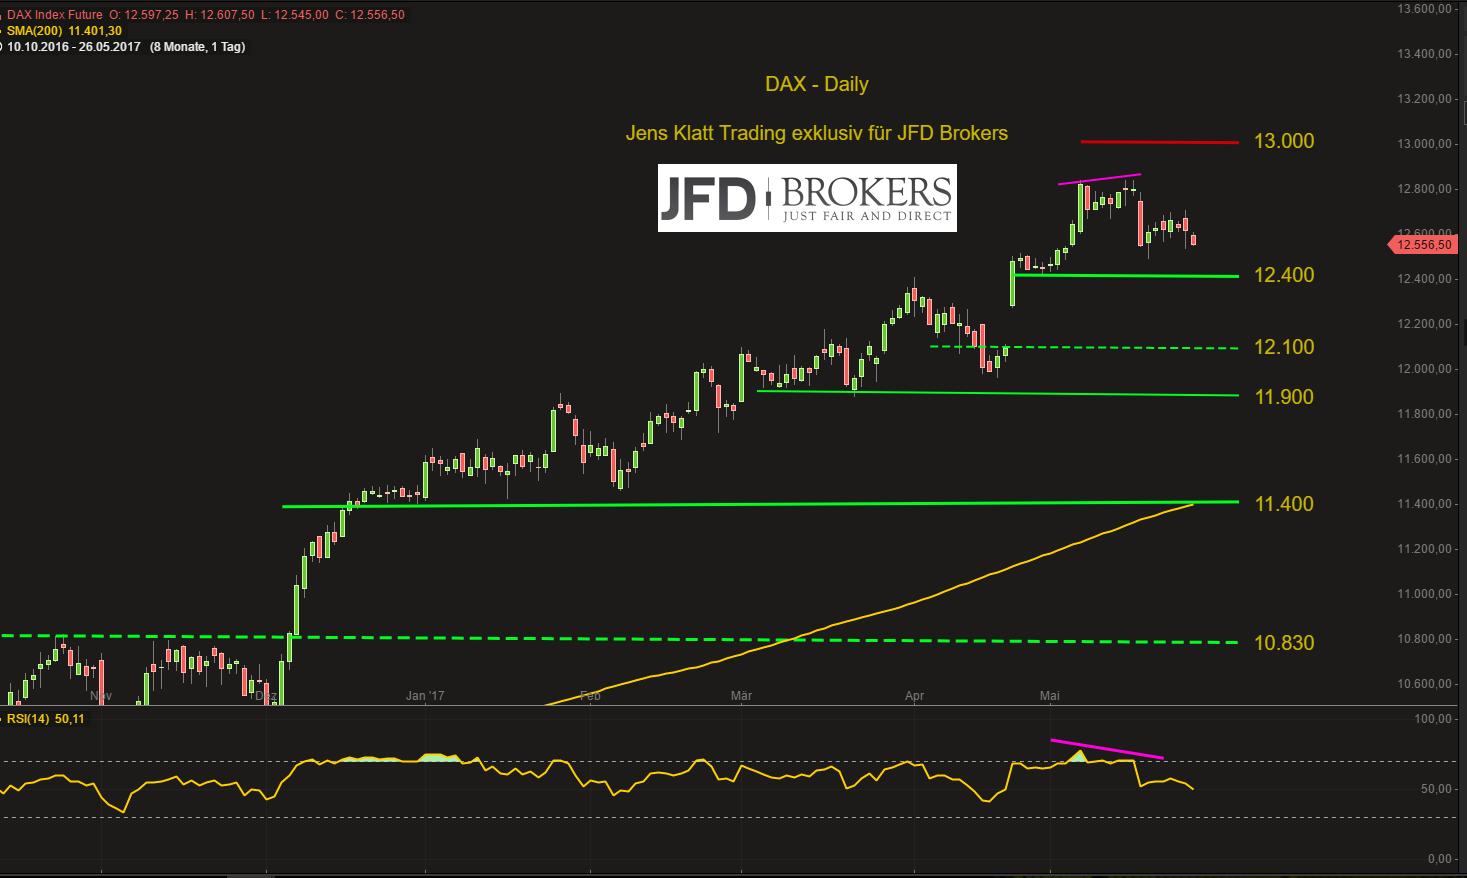 DAX-Bären-in-der-kommenden-Woche-wohl-im-Vorteil-Kommentar-JFD-Brokers-GodmodeTrader.de-3